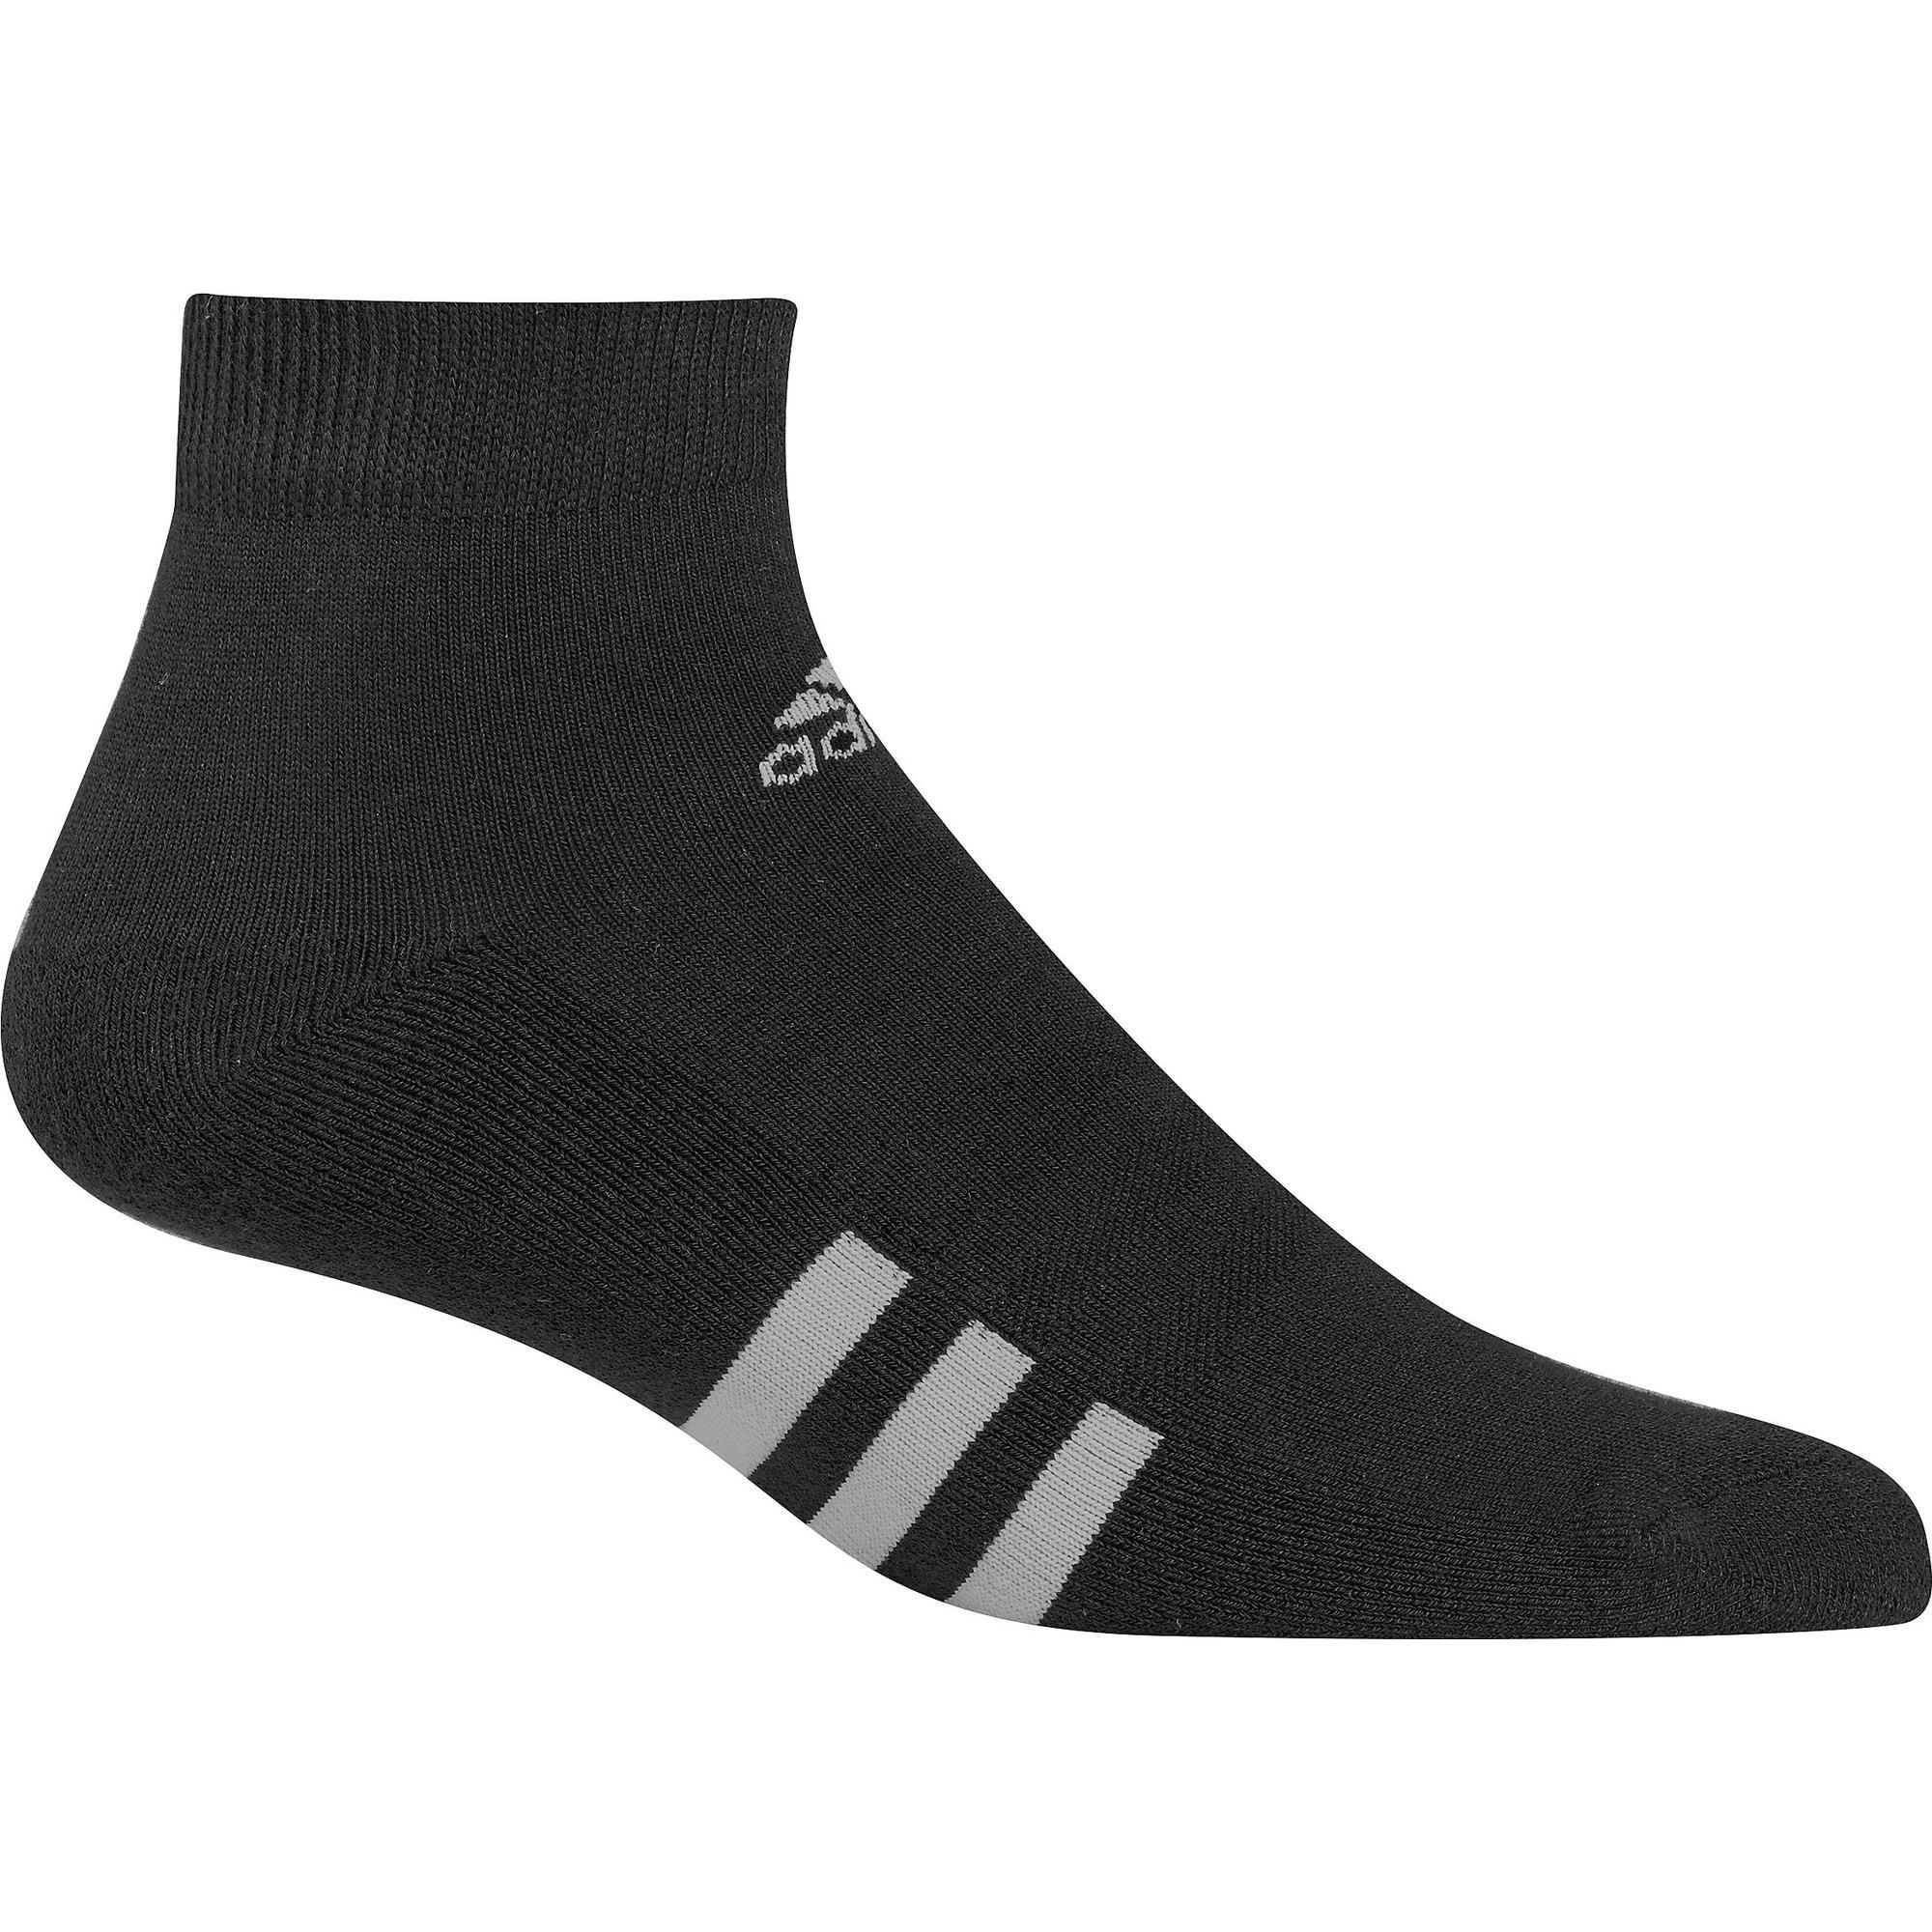 Men's Golf Ankle Socks - 6 Pack